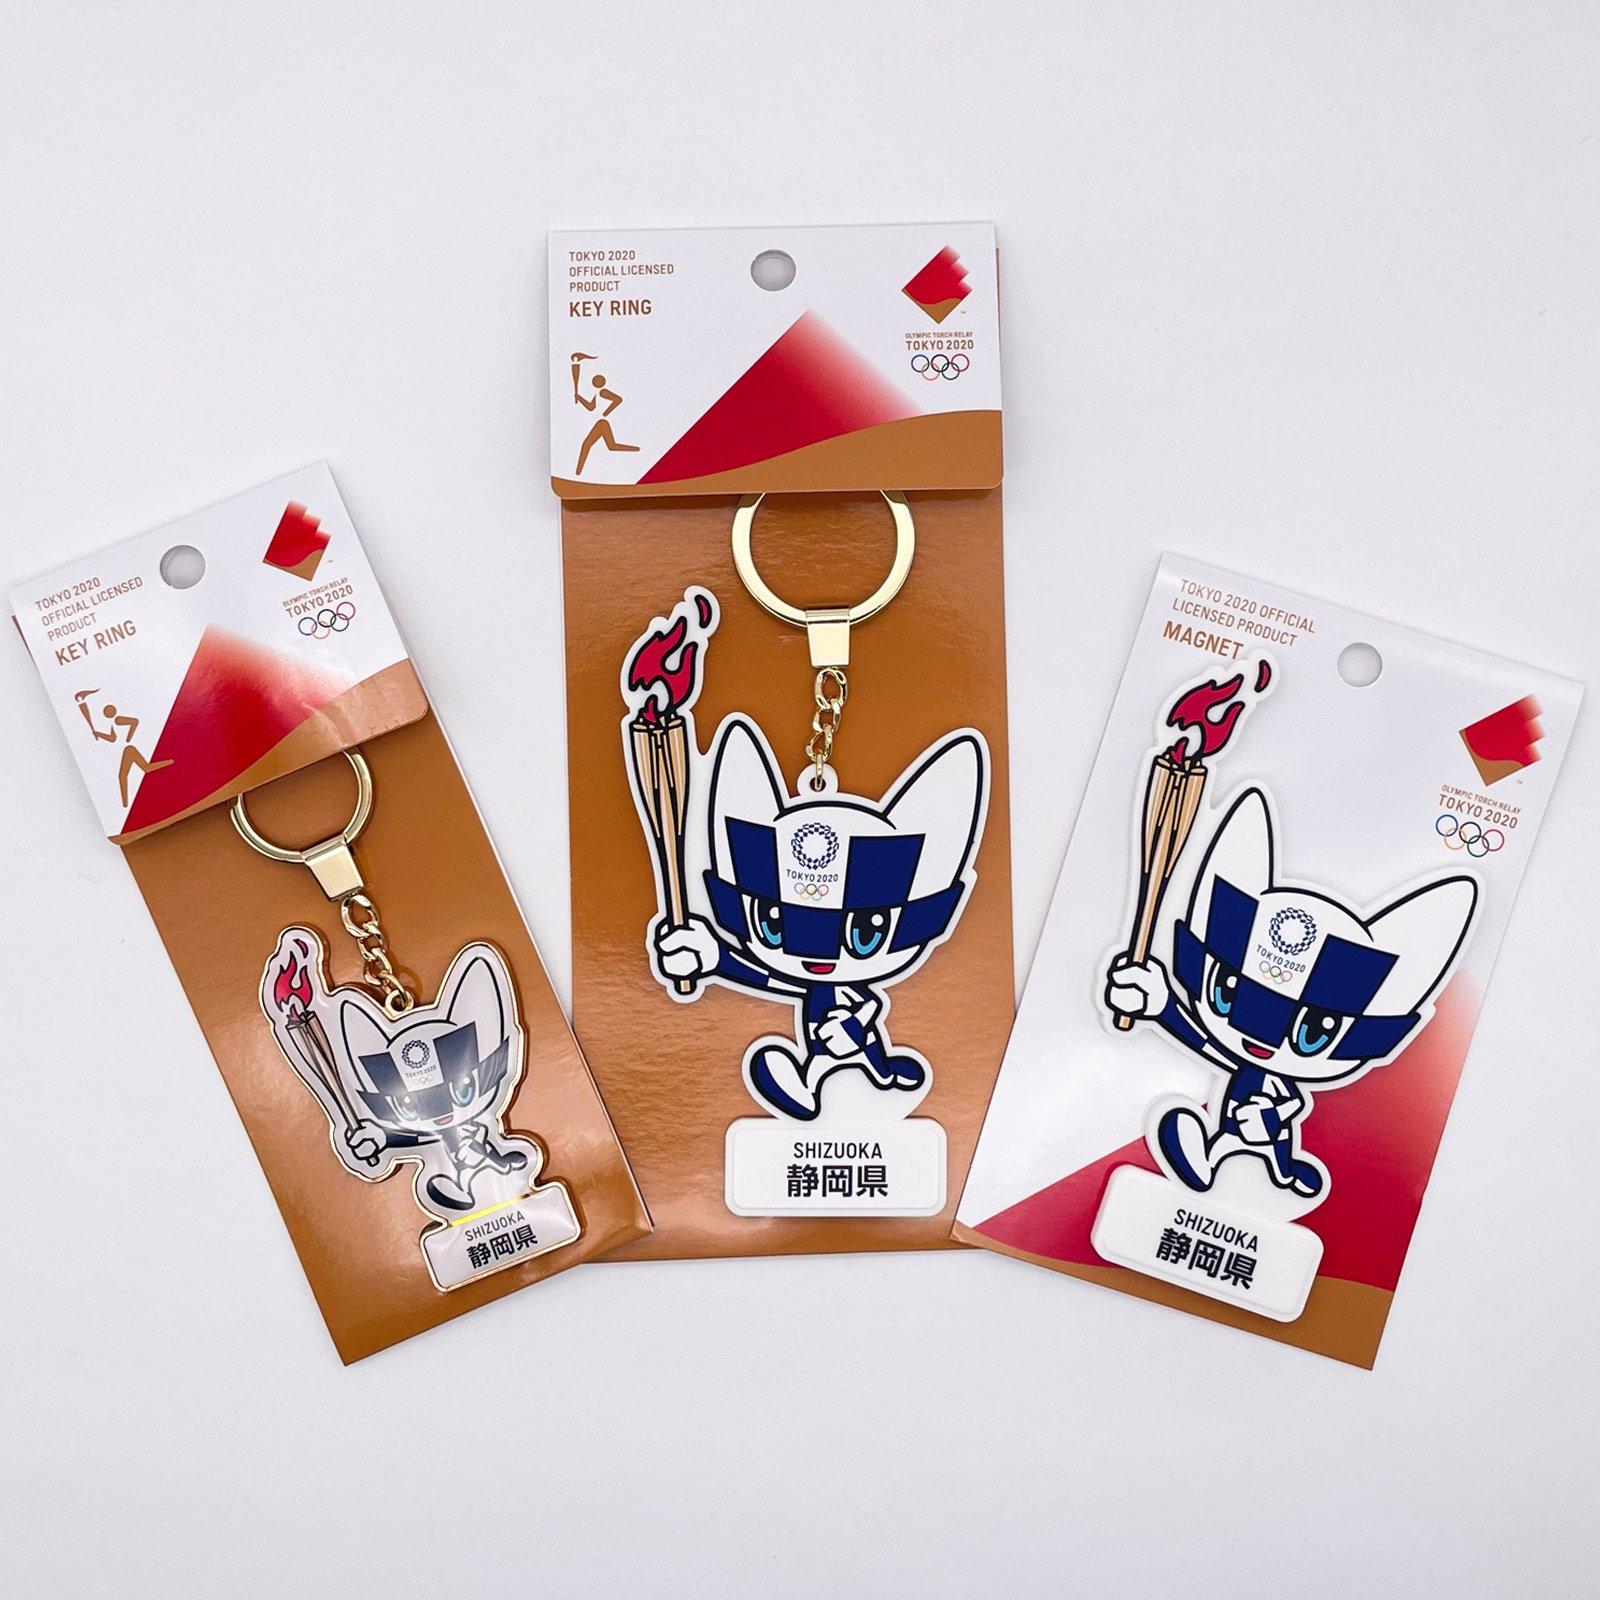 【セール価格】【お得なセット】東京2020オリンピック聖火リレーマスコット商品:静岡県セット